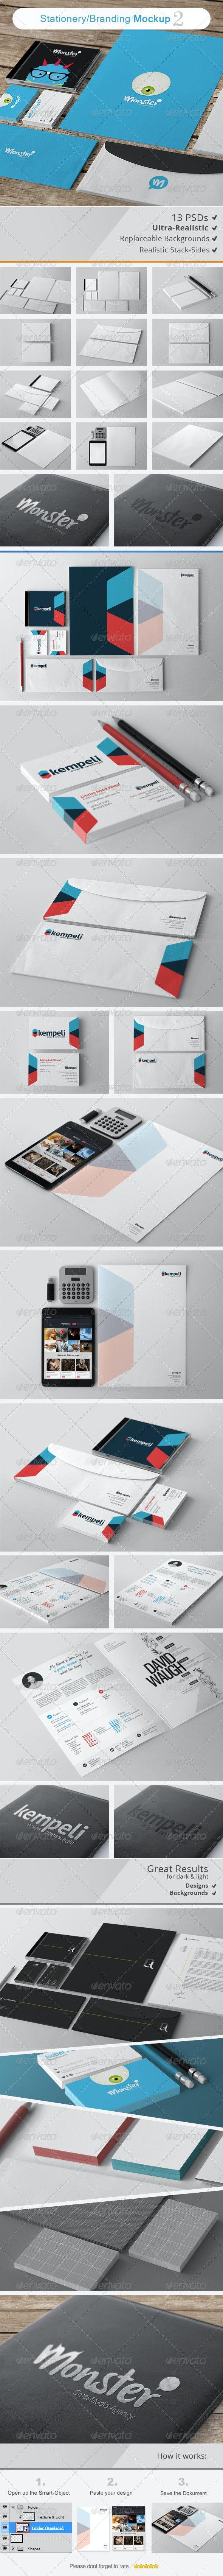 Stationery / Branding Mockups 2 - Stationery Print